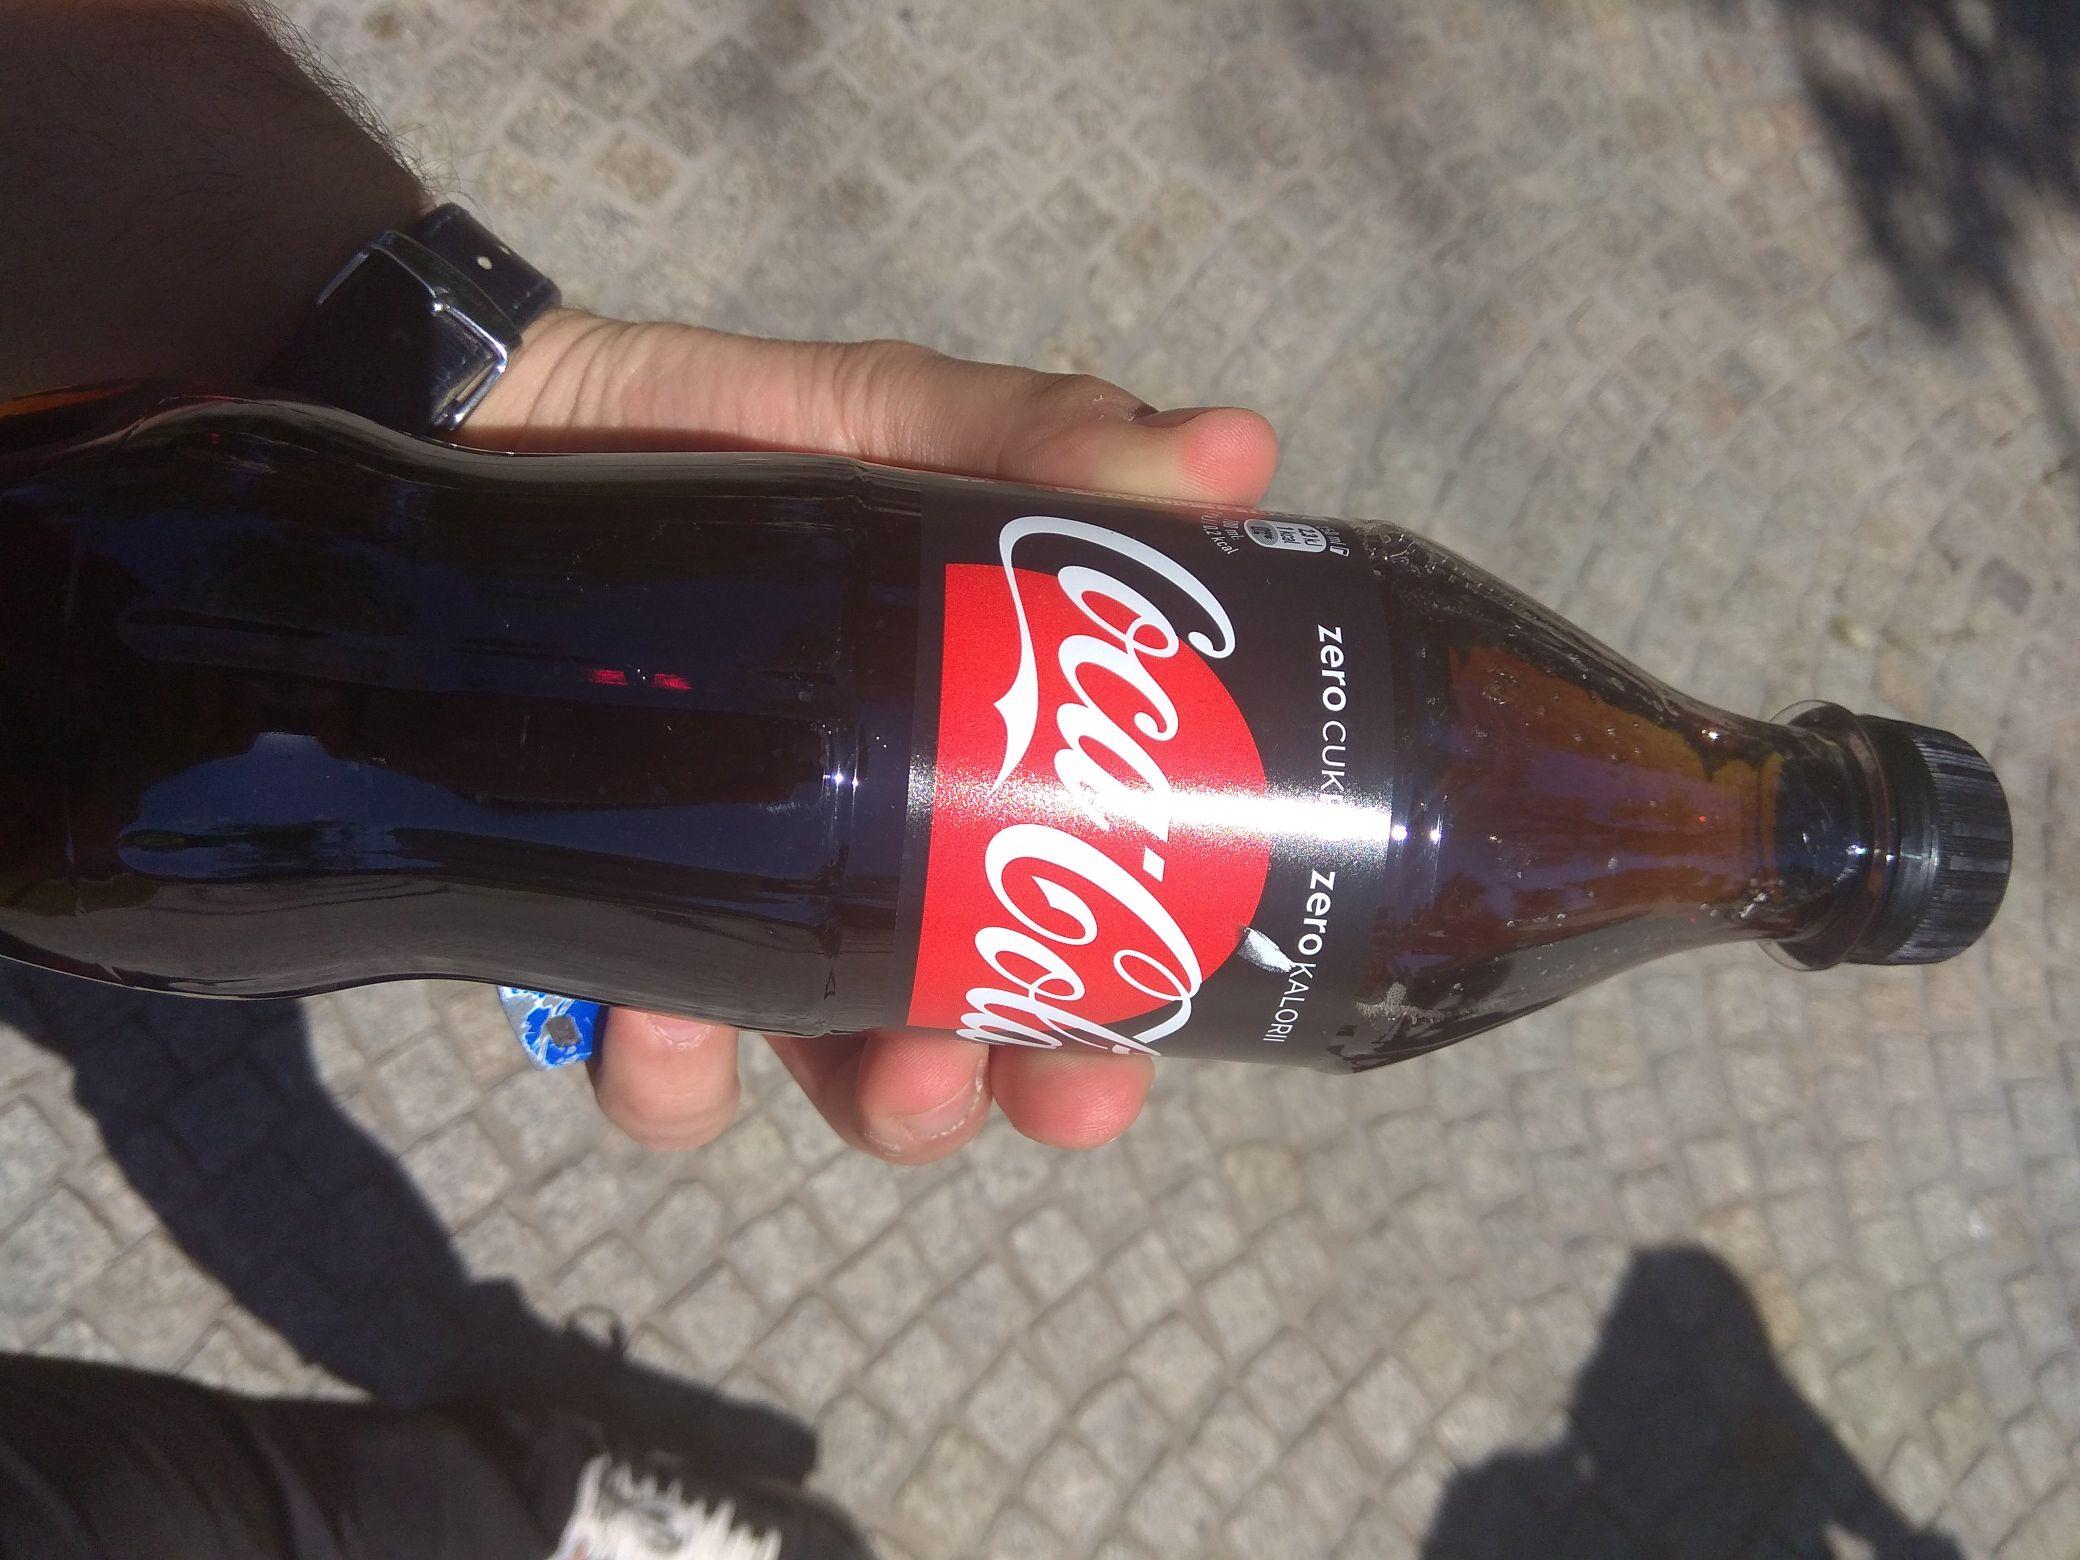 Darmowa coca-cola zero na placu litewskim w Lublinie